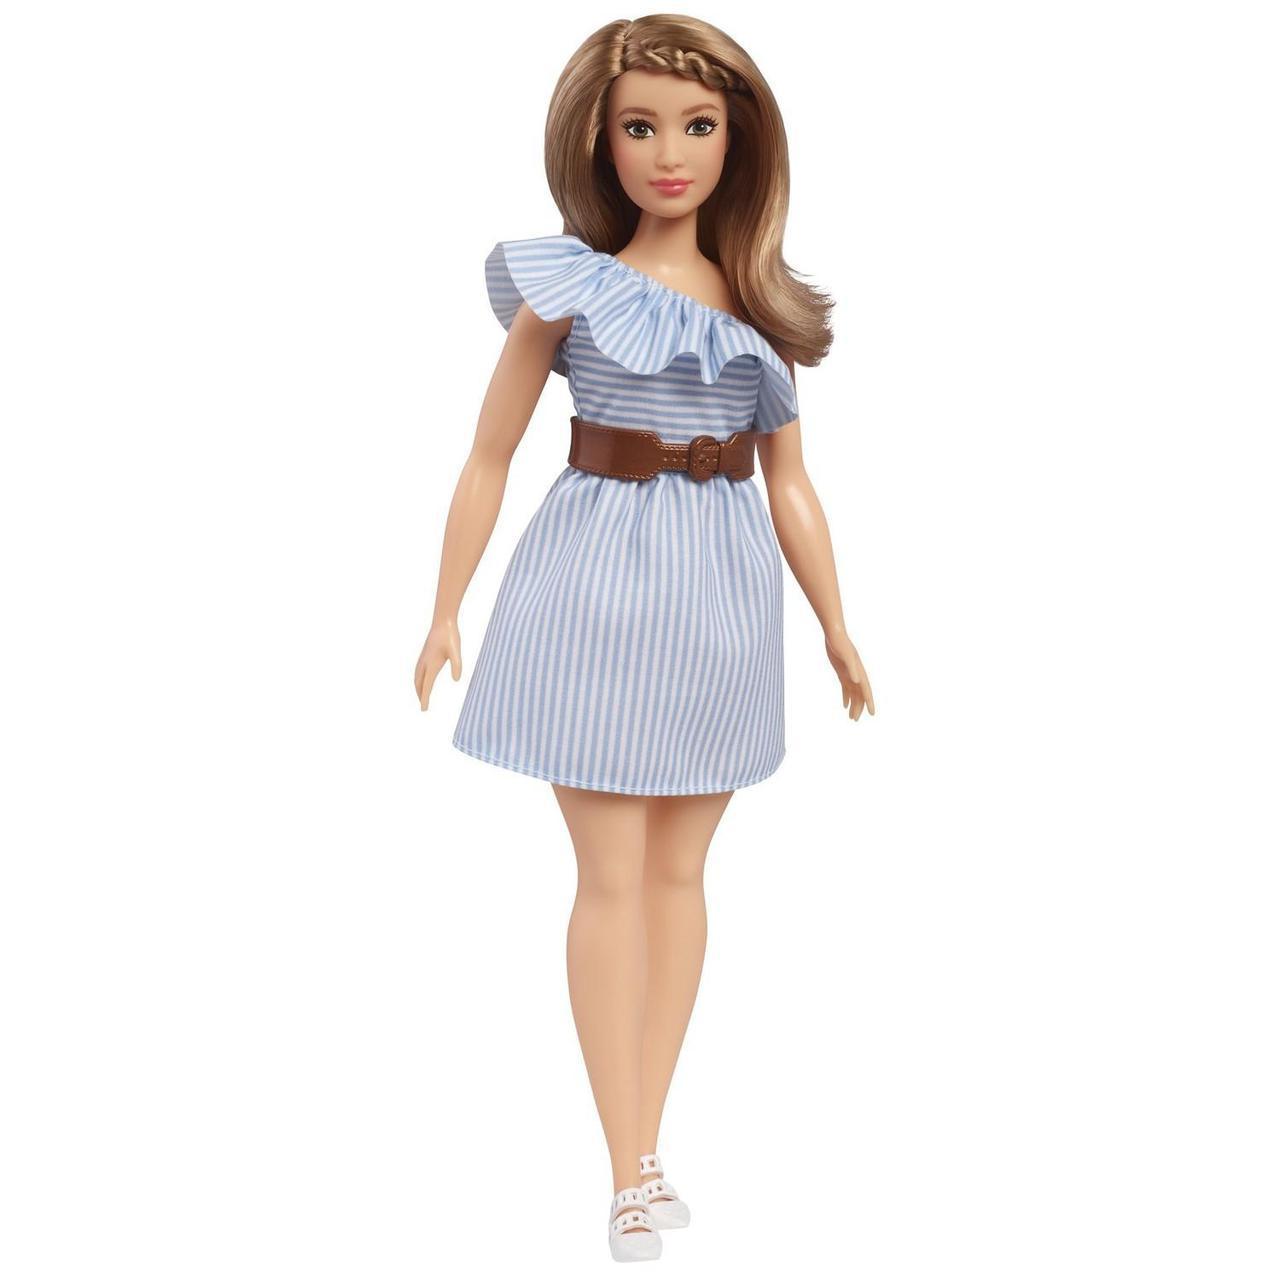 """Barbie """"Игра с модой"""" Кукла Барби Блондинка в голубом платье #76 (Пышная)"""